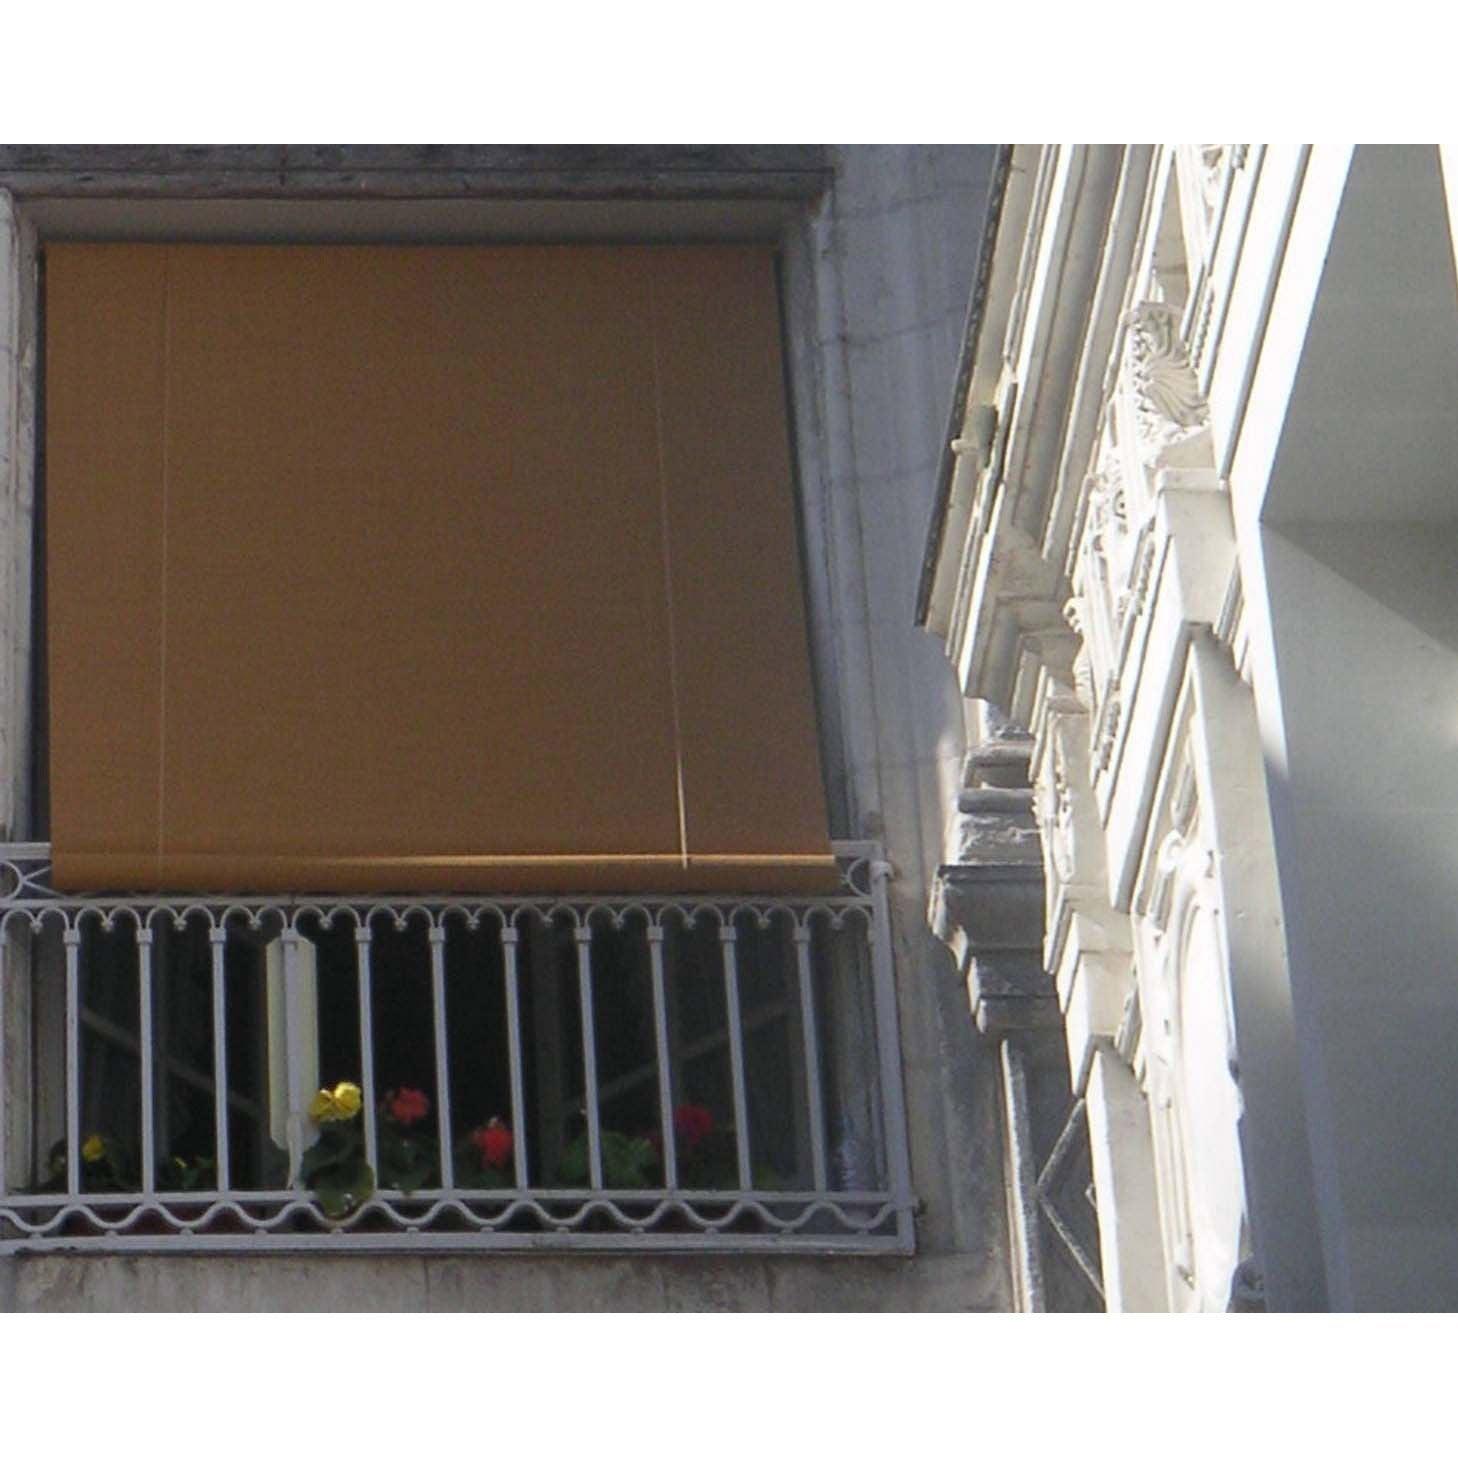 merveilleux Store enrouleur tamisant Bois tissé, chamois, 120/130 x 220 cm